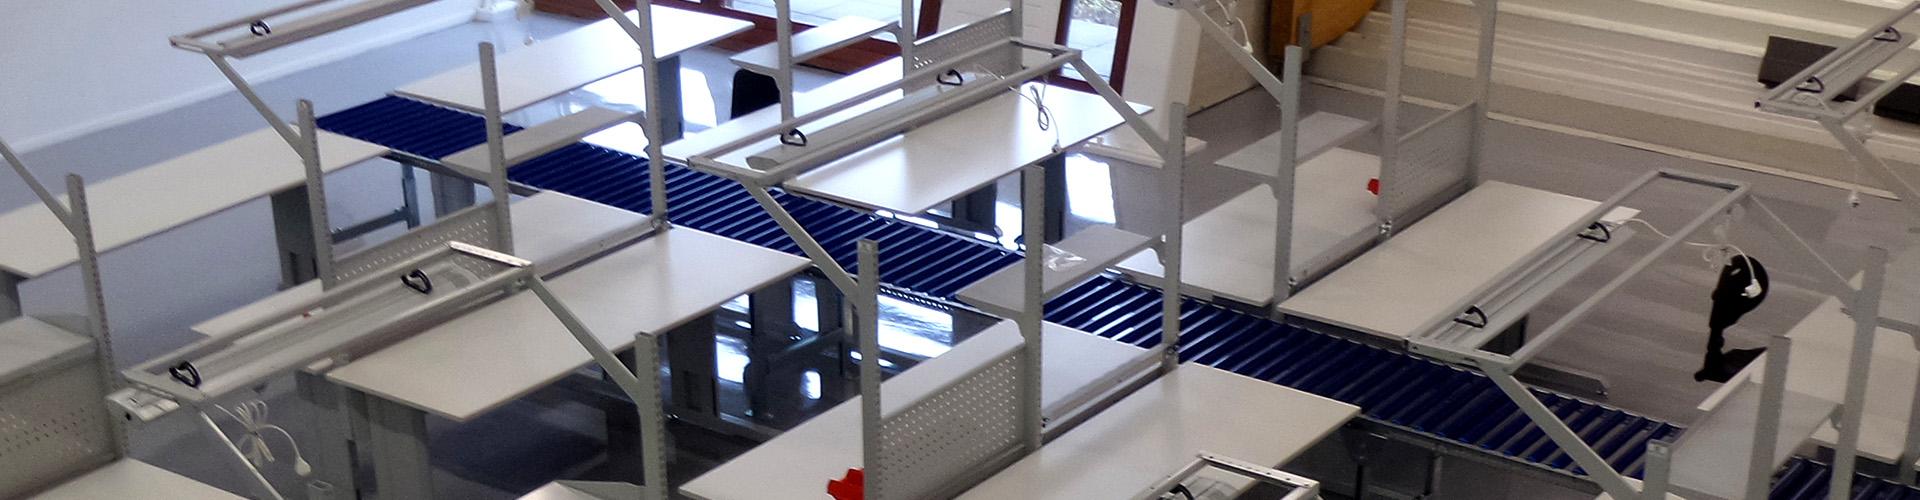 Sovella Nederland Treston concept werktafel voor apple service center ESD-veilige werktafels